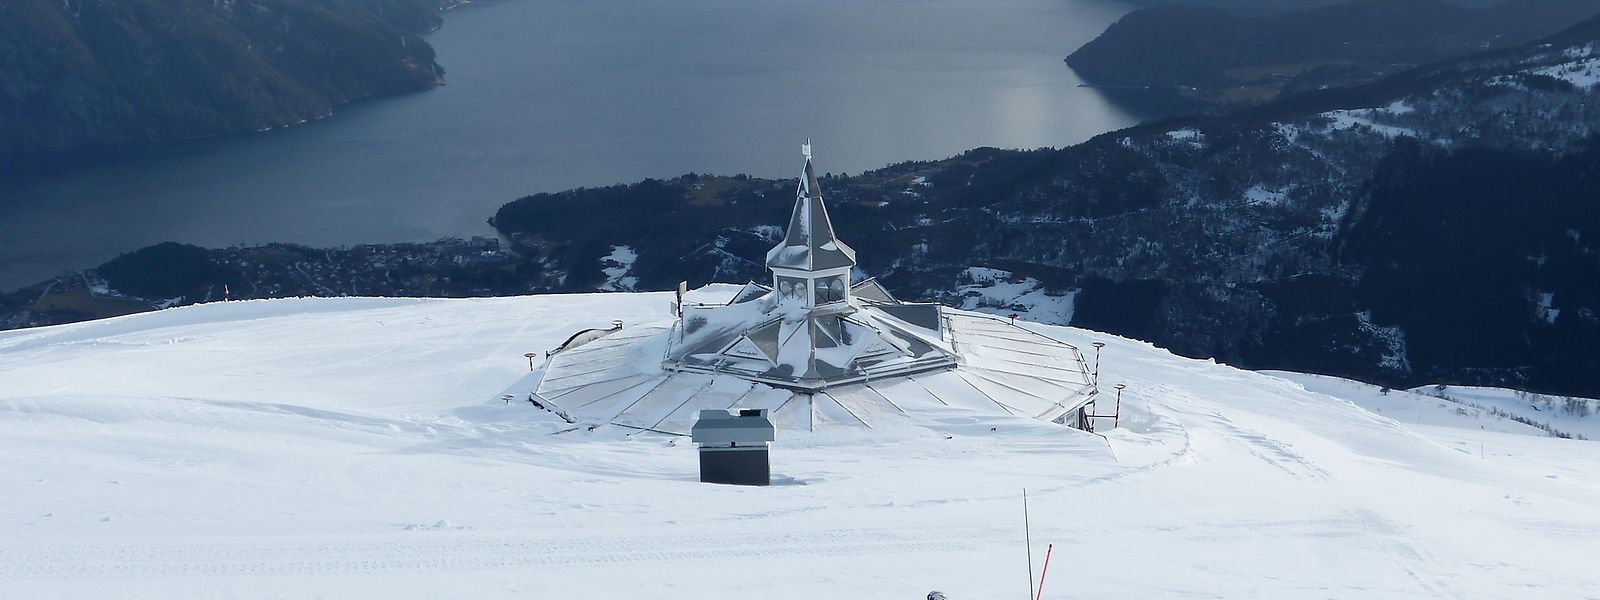 Von der Piste am Roaldshorn fällt der Blick über den Fjord - für Wintersportler sicher kein gewöhnlicher Anblick.